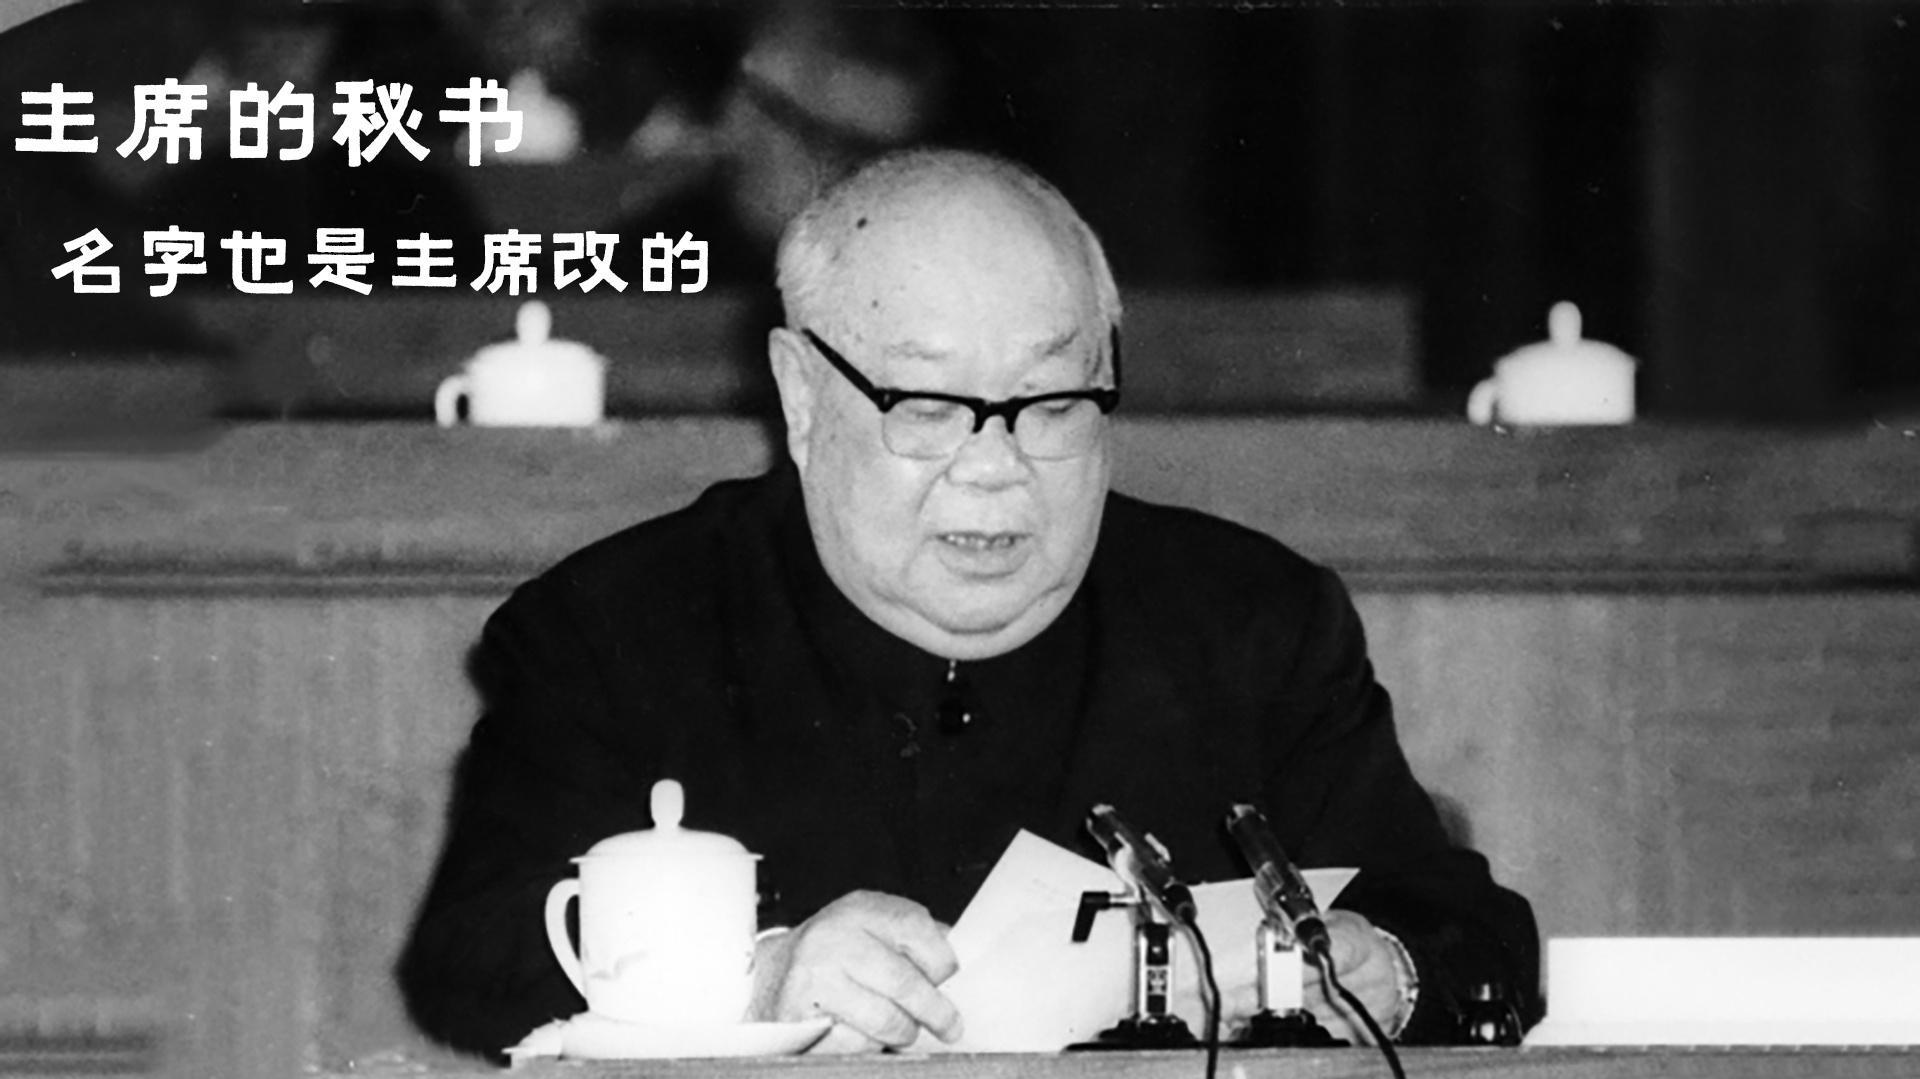 他是毛主席的秘书,名字也是主席改的,后来成为浙江省委书记